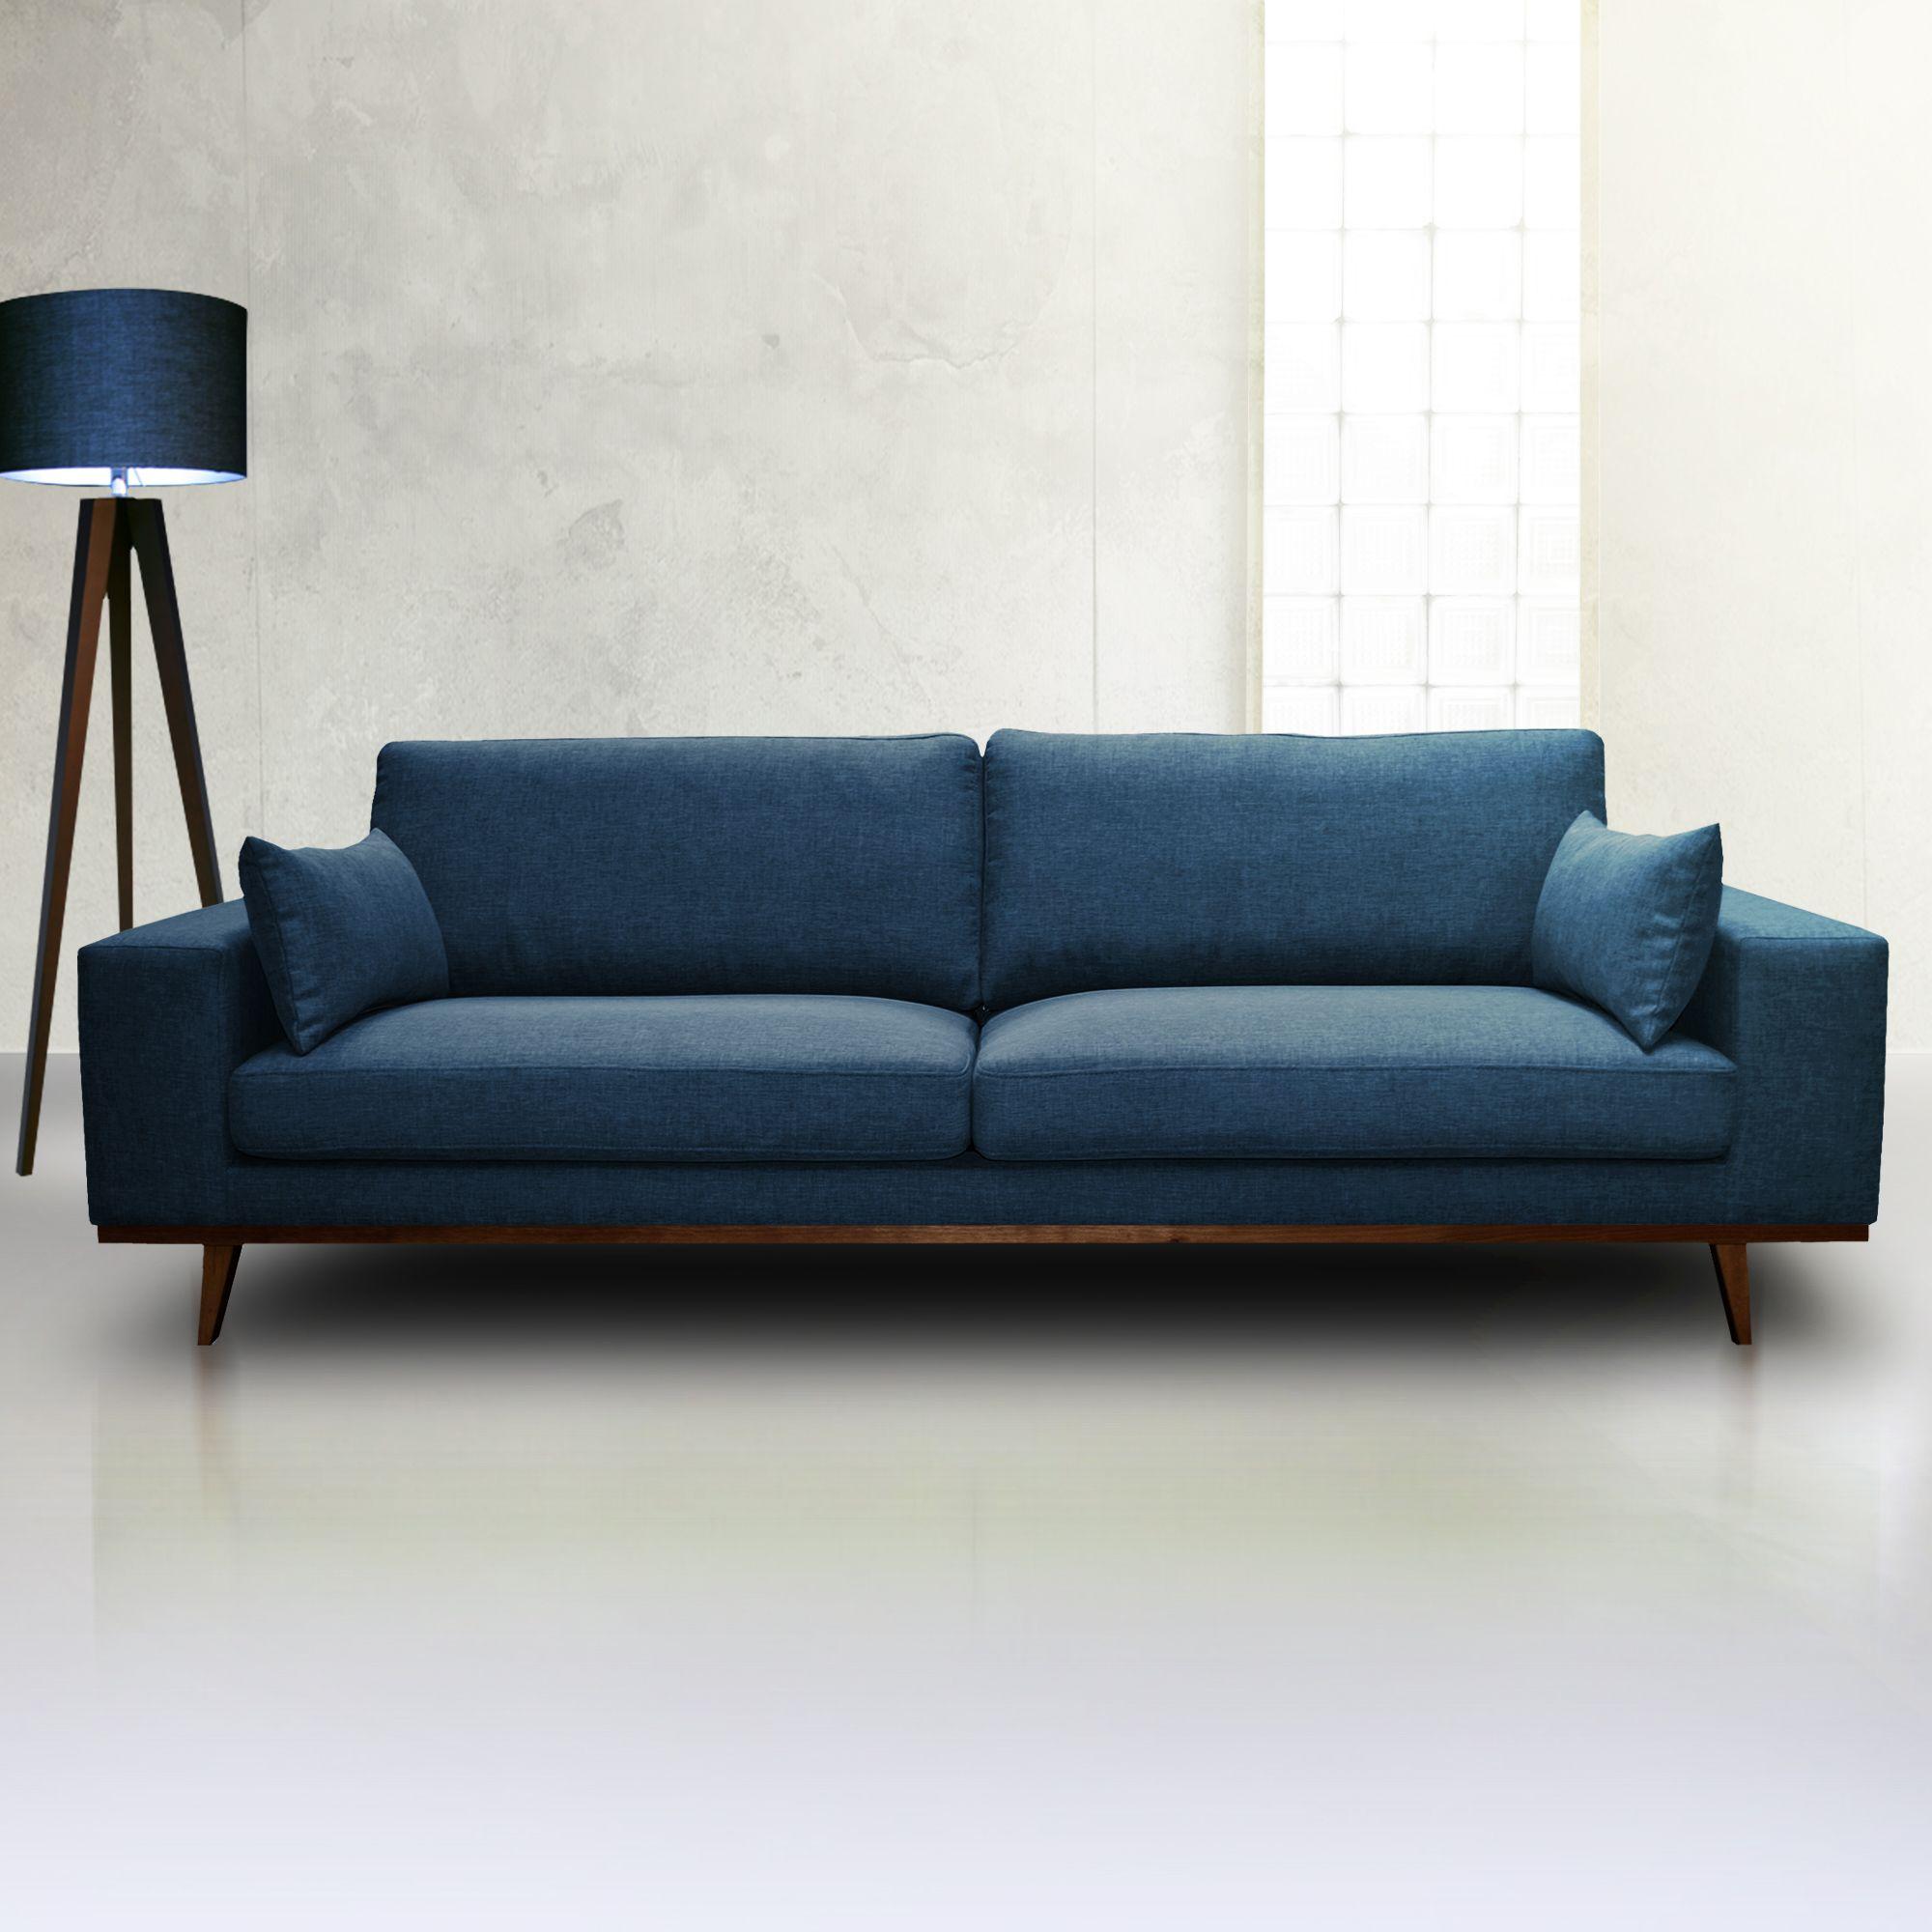 canap et fauteuil fixe et convertible 3 suisses objet to sit on pinterest. Black Bedroom Furniture Sets. Home Design Ideas